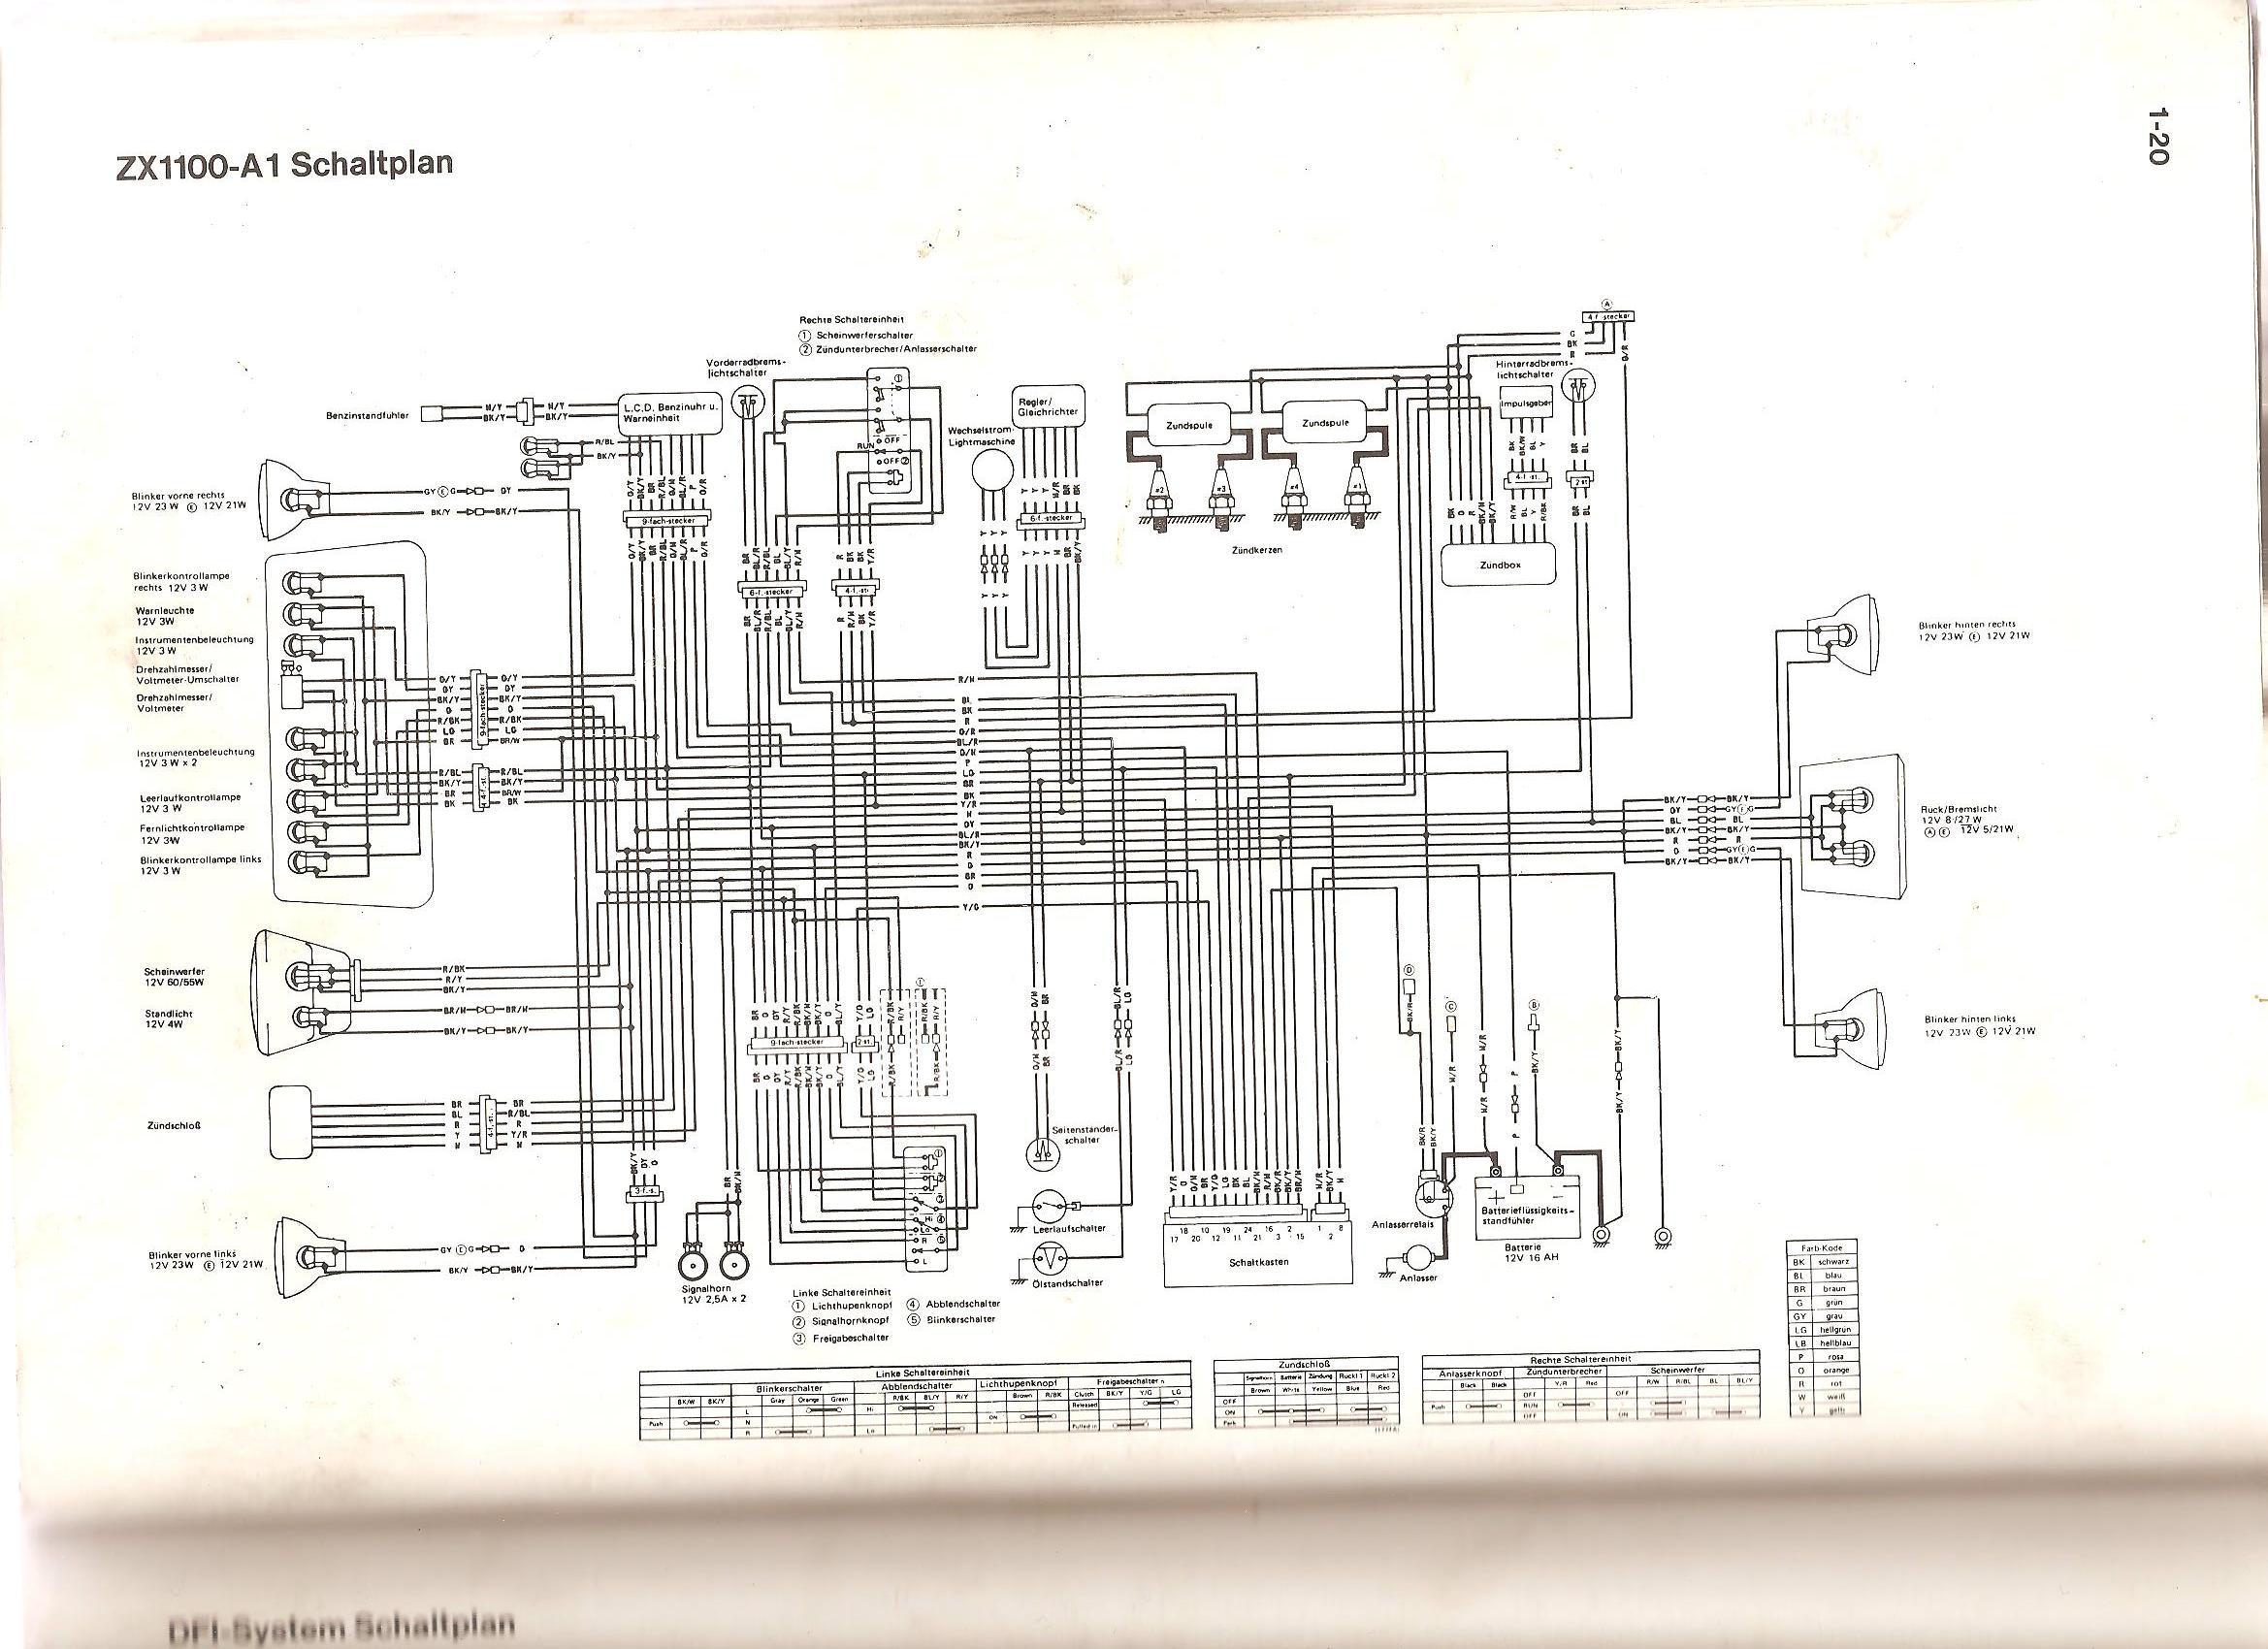 Großzügig Honda Schaltplan Sicherheit Galerie - Der Schaltplan ...